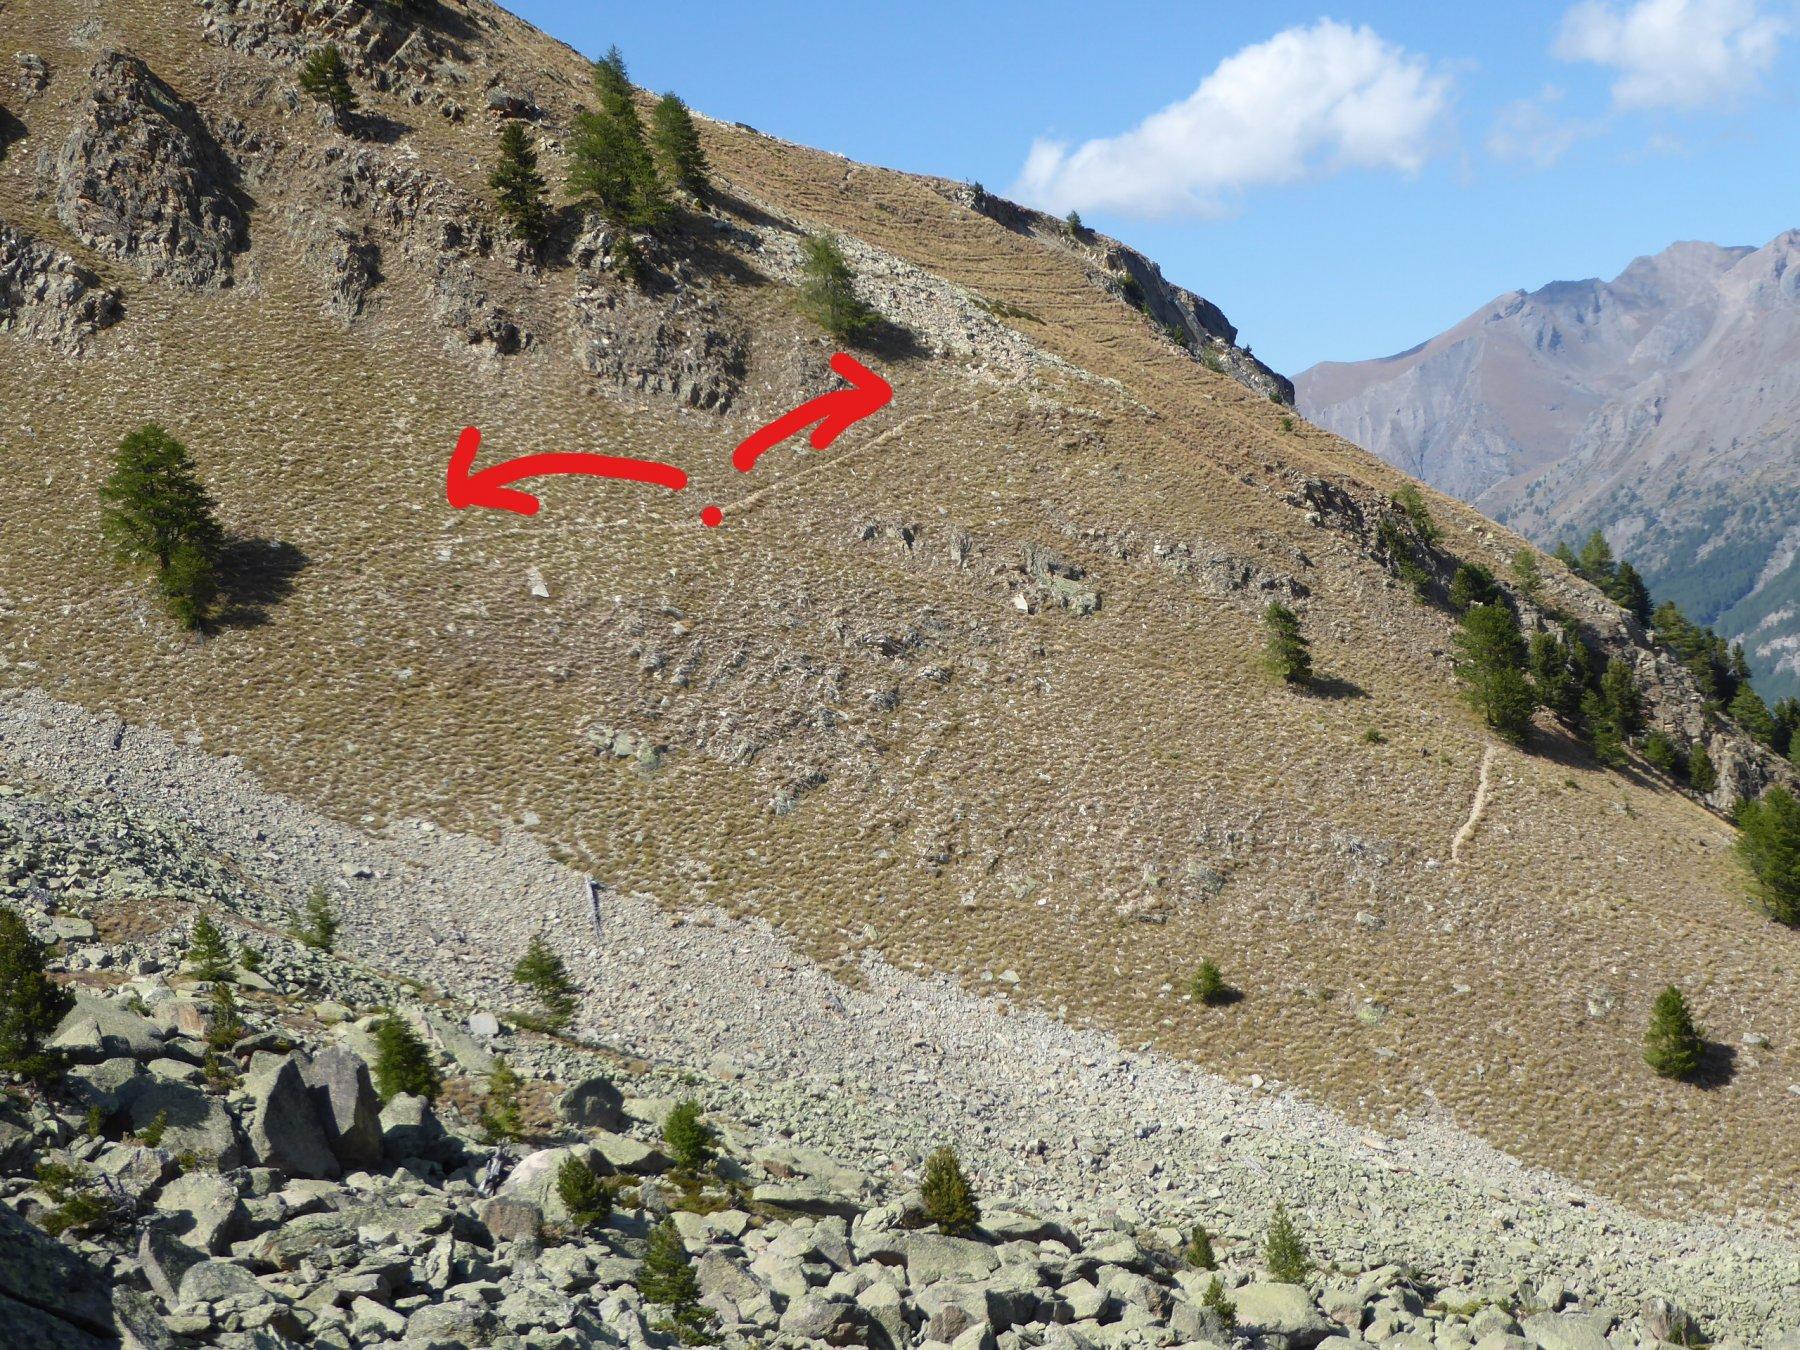 il bivio a 2325 metri: prendere a sinistra, mentre a destra si va verso gli impianti da Cogne